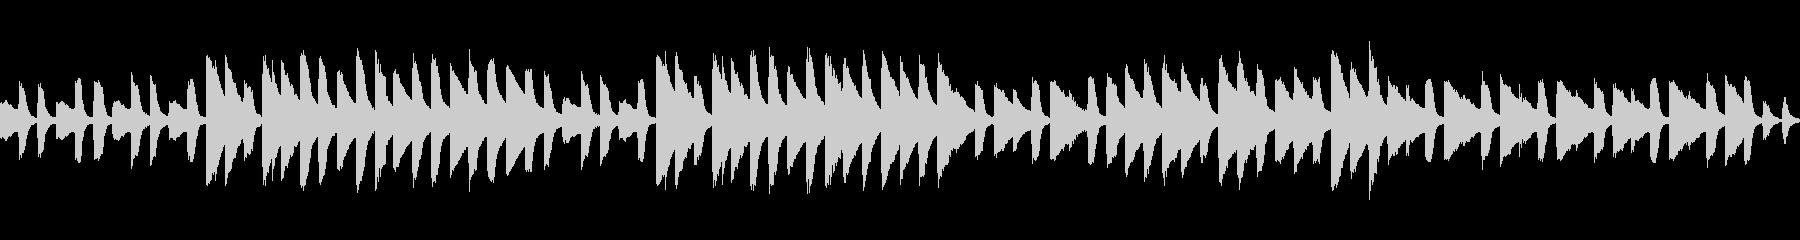 ピアノとオルゴールのワルツの未再生の波形